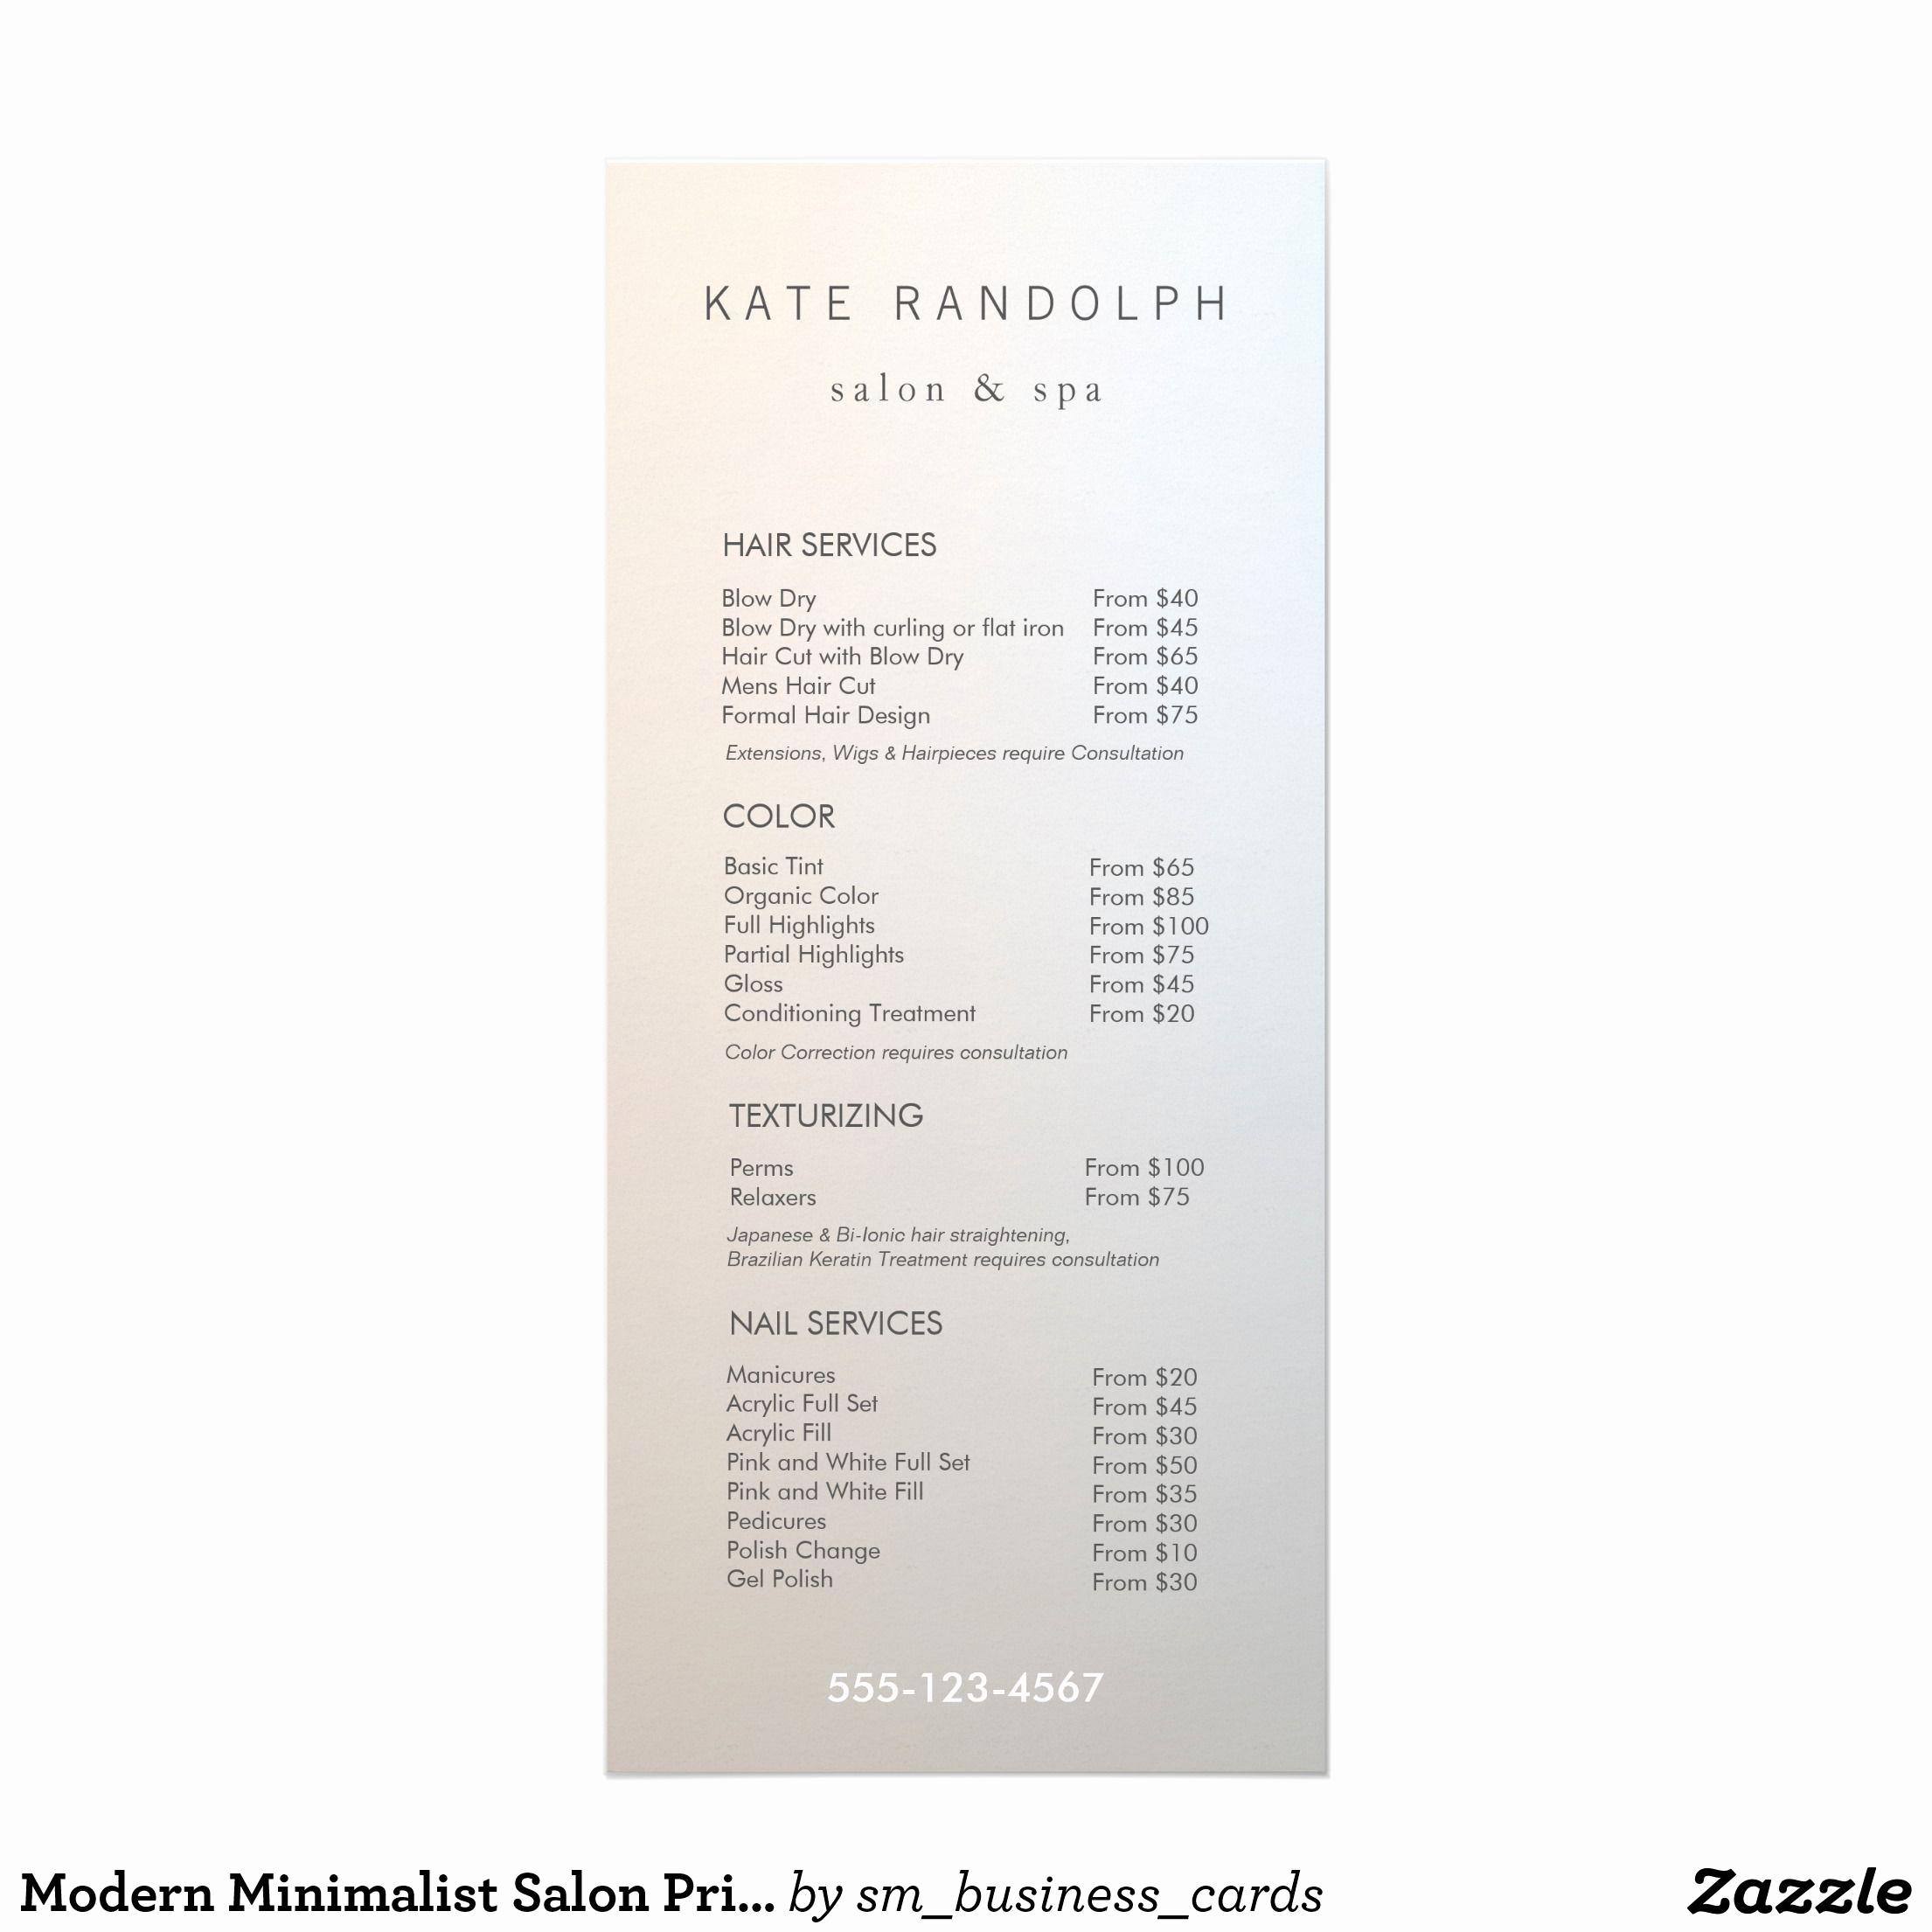 Salon Service Menu Template Luxury Modern Minimalist Salon Price List Service Menu 25 Cards